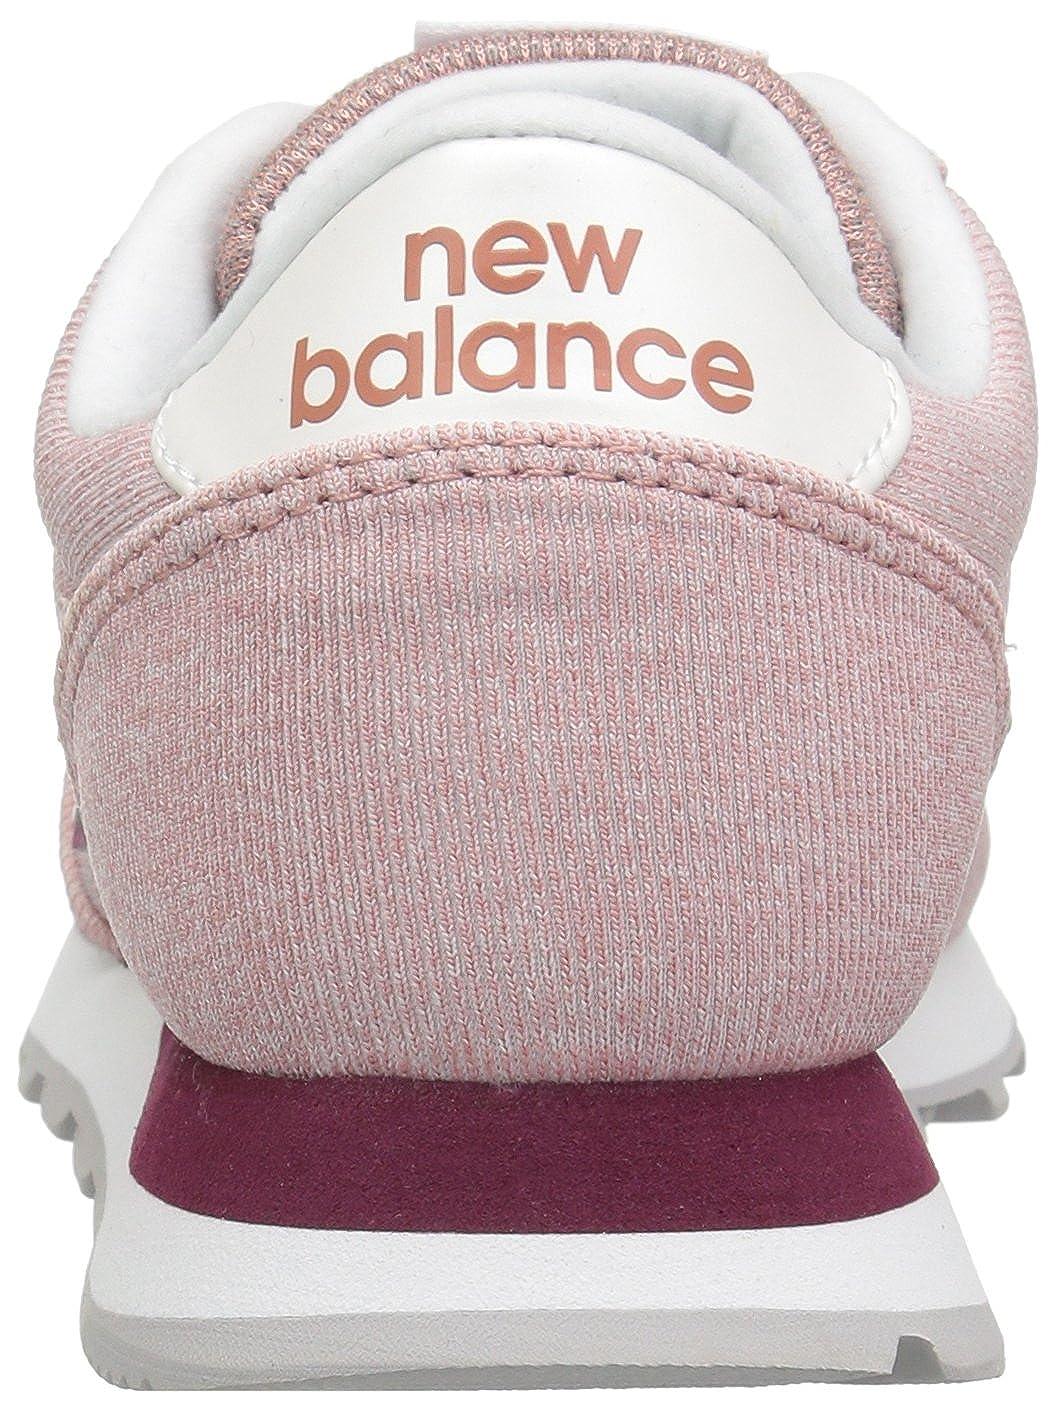 Mr.   Ms. Ms. Ms. New Balance Wl501v1, scarpe da ginnastica Donna durevole Vendita di fine anno Funzione eccezionale | Prezzo Affare  19d8a8